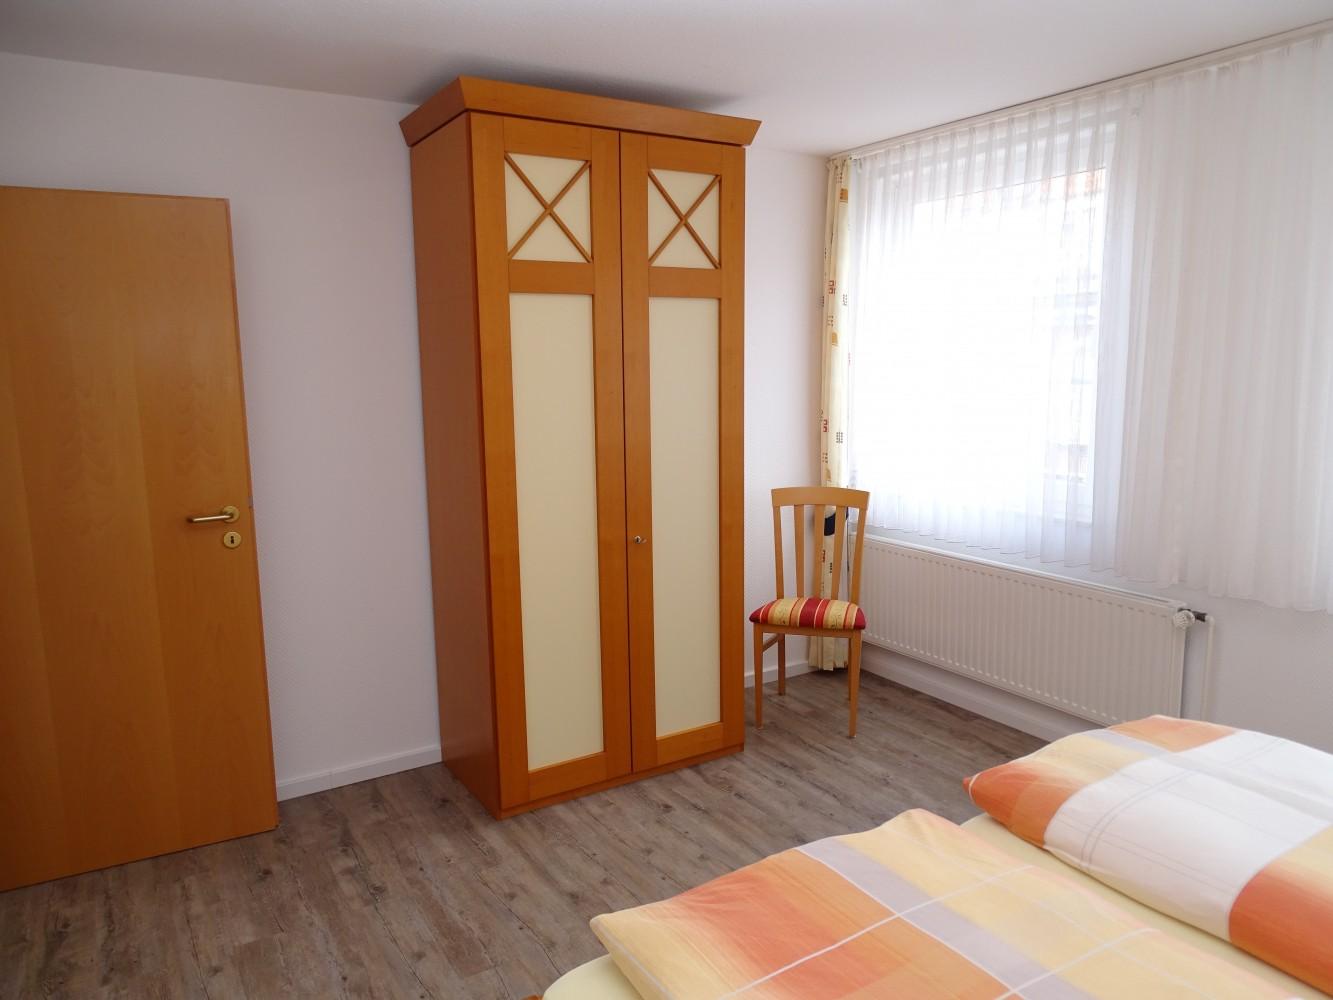 ferienwohnung neptun haus katharina juist. Black Bedroom Furniture Sets. Home Design Ideas